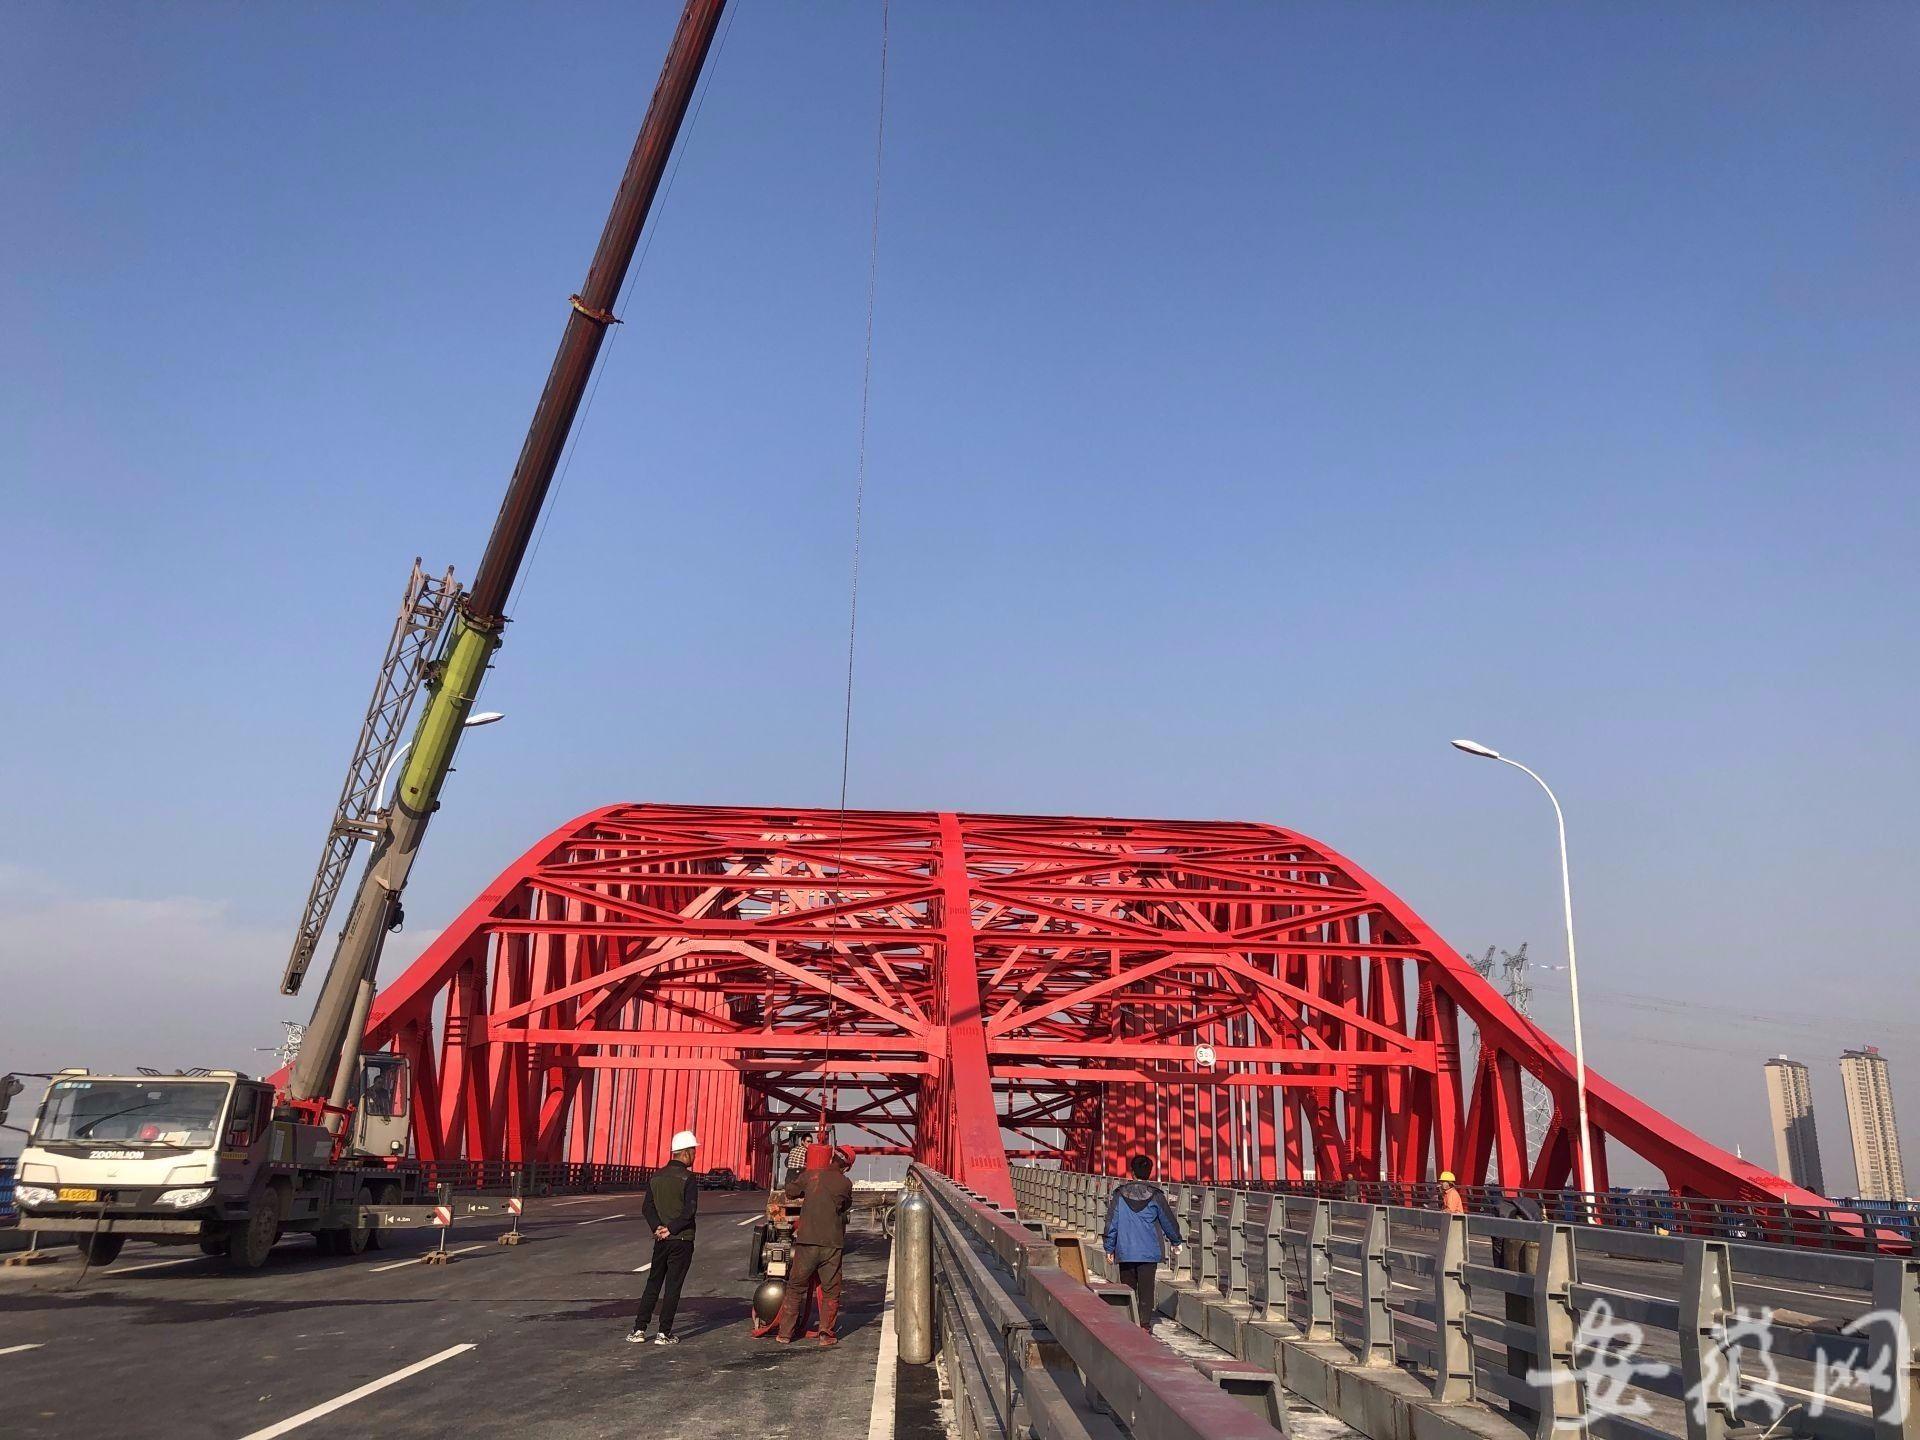 好消息!合肥集賢路跨派河橋12月10日將放行通車